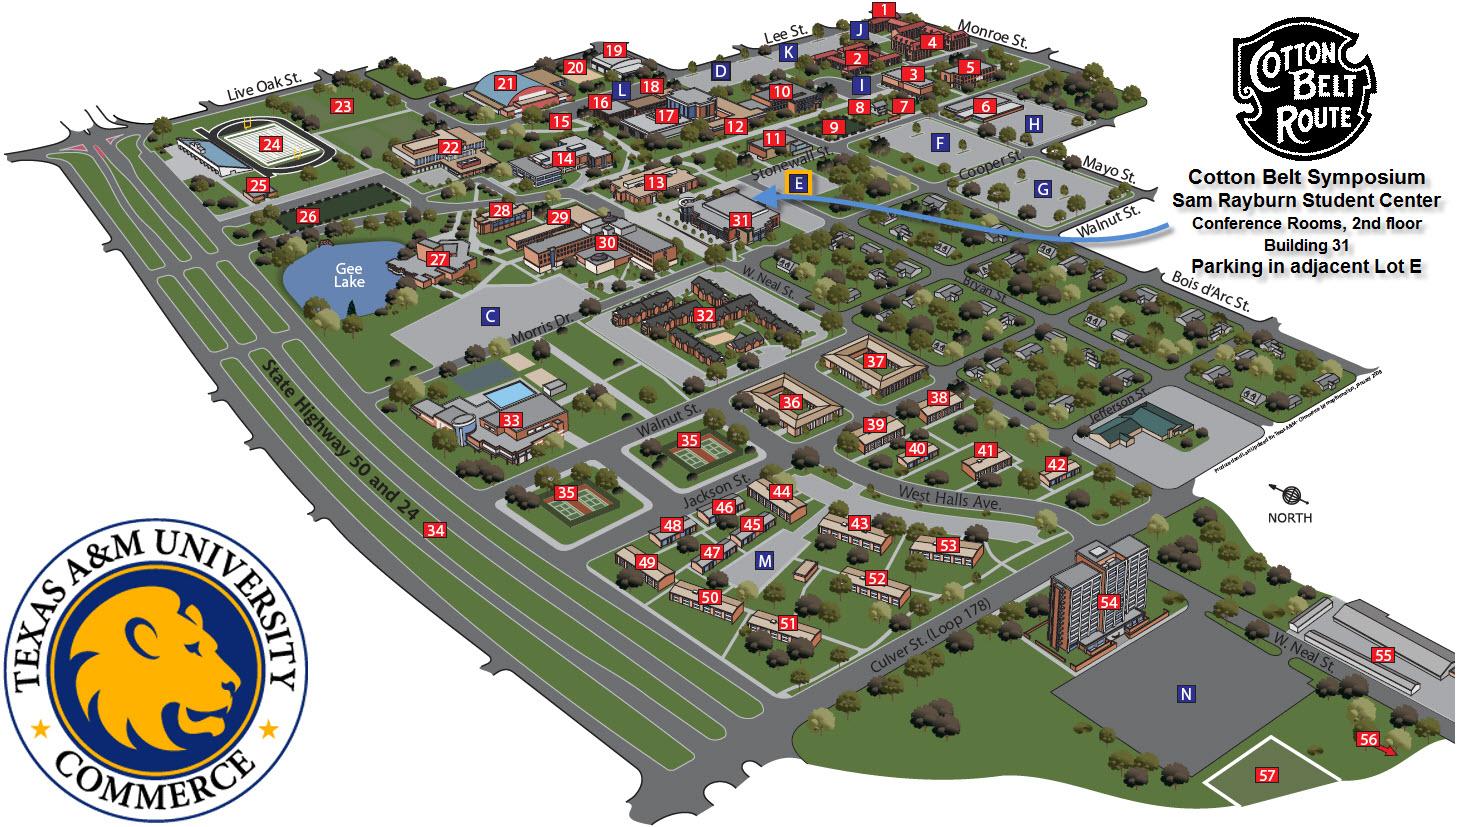 Tamuc Campus Map Directions to Cotton Belt Regional Railroad Symposium at TAMU Commerce